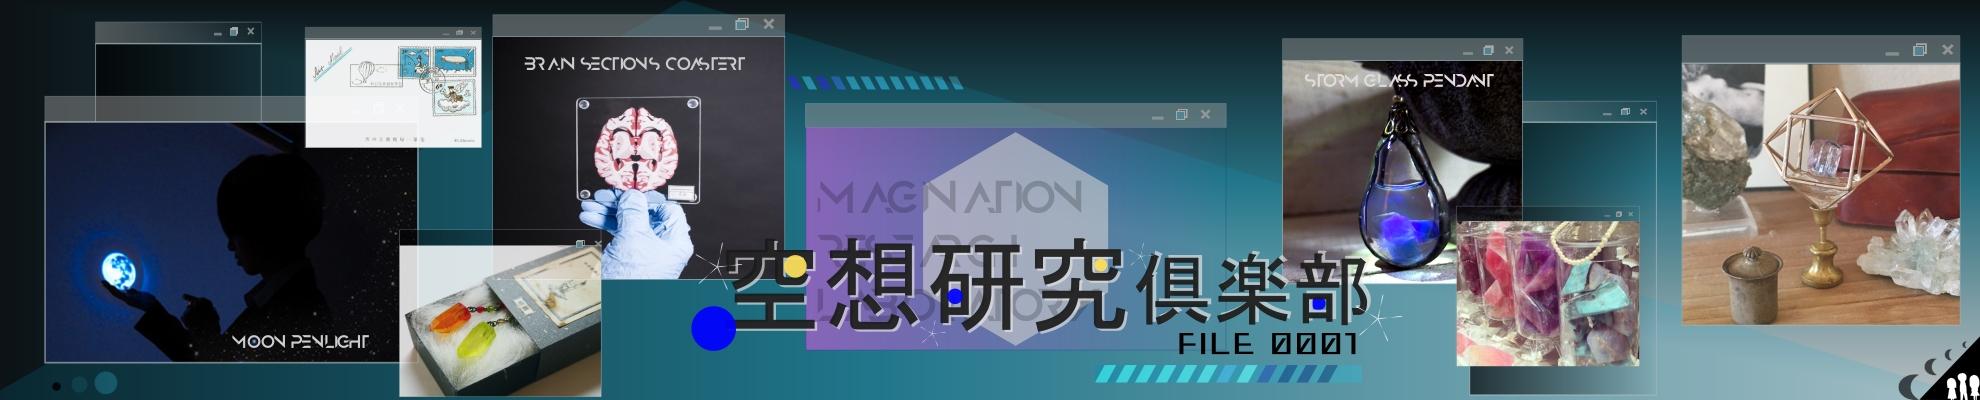 ◆◆空想研究倶楽部◆◆